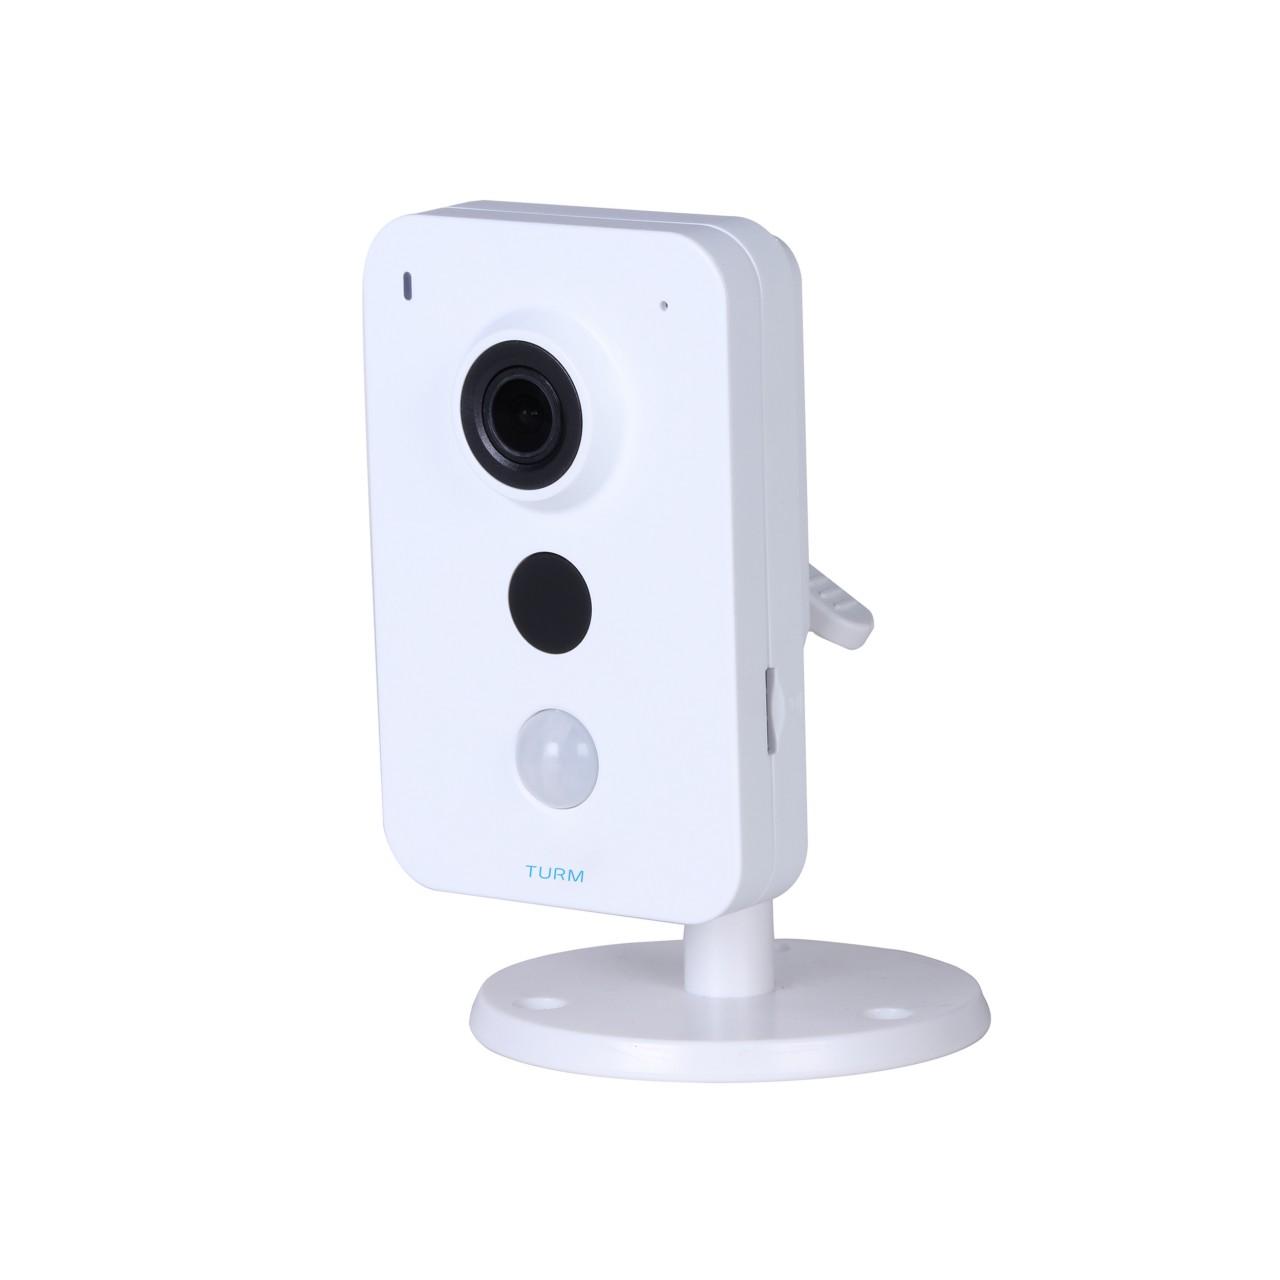 TURM WLAN Smart Home 3 MP IP Kamera mit Bewegungsmelder, 10m Nachtsicht, Micro SD und 100°